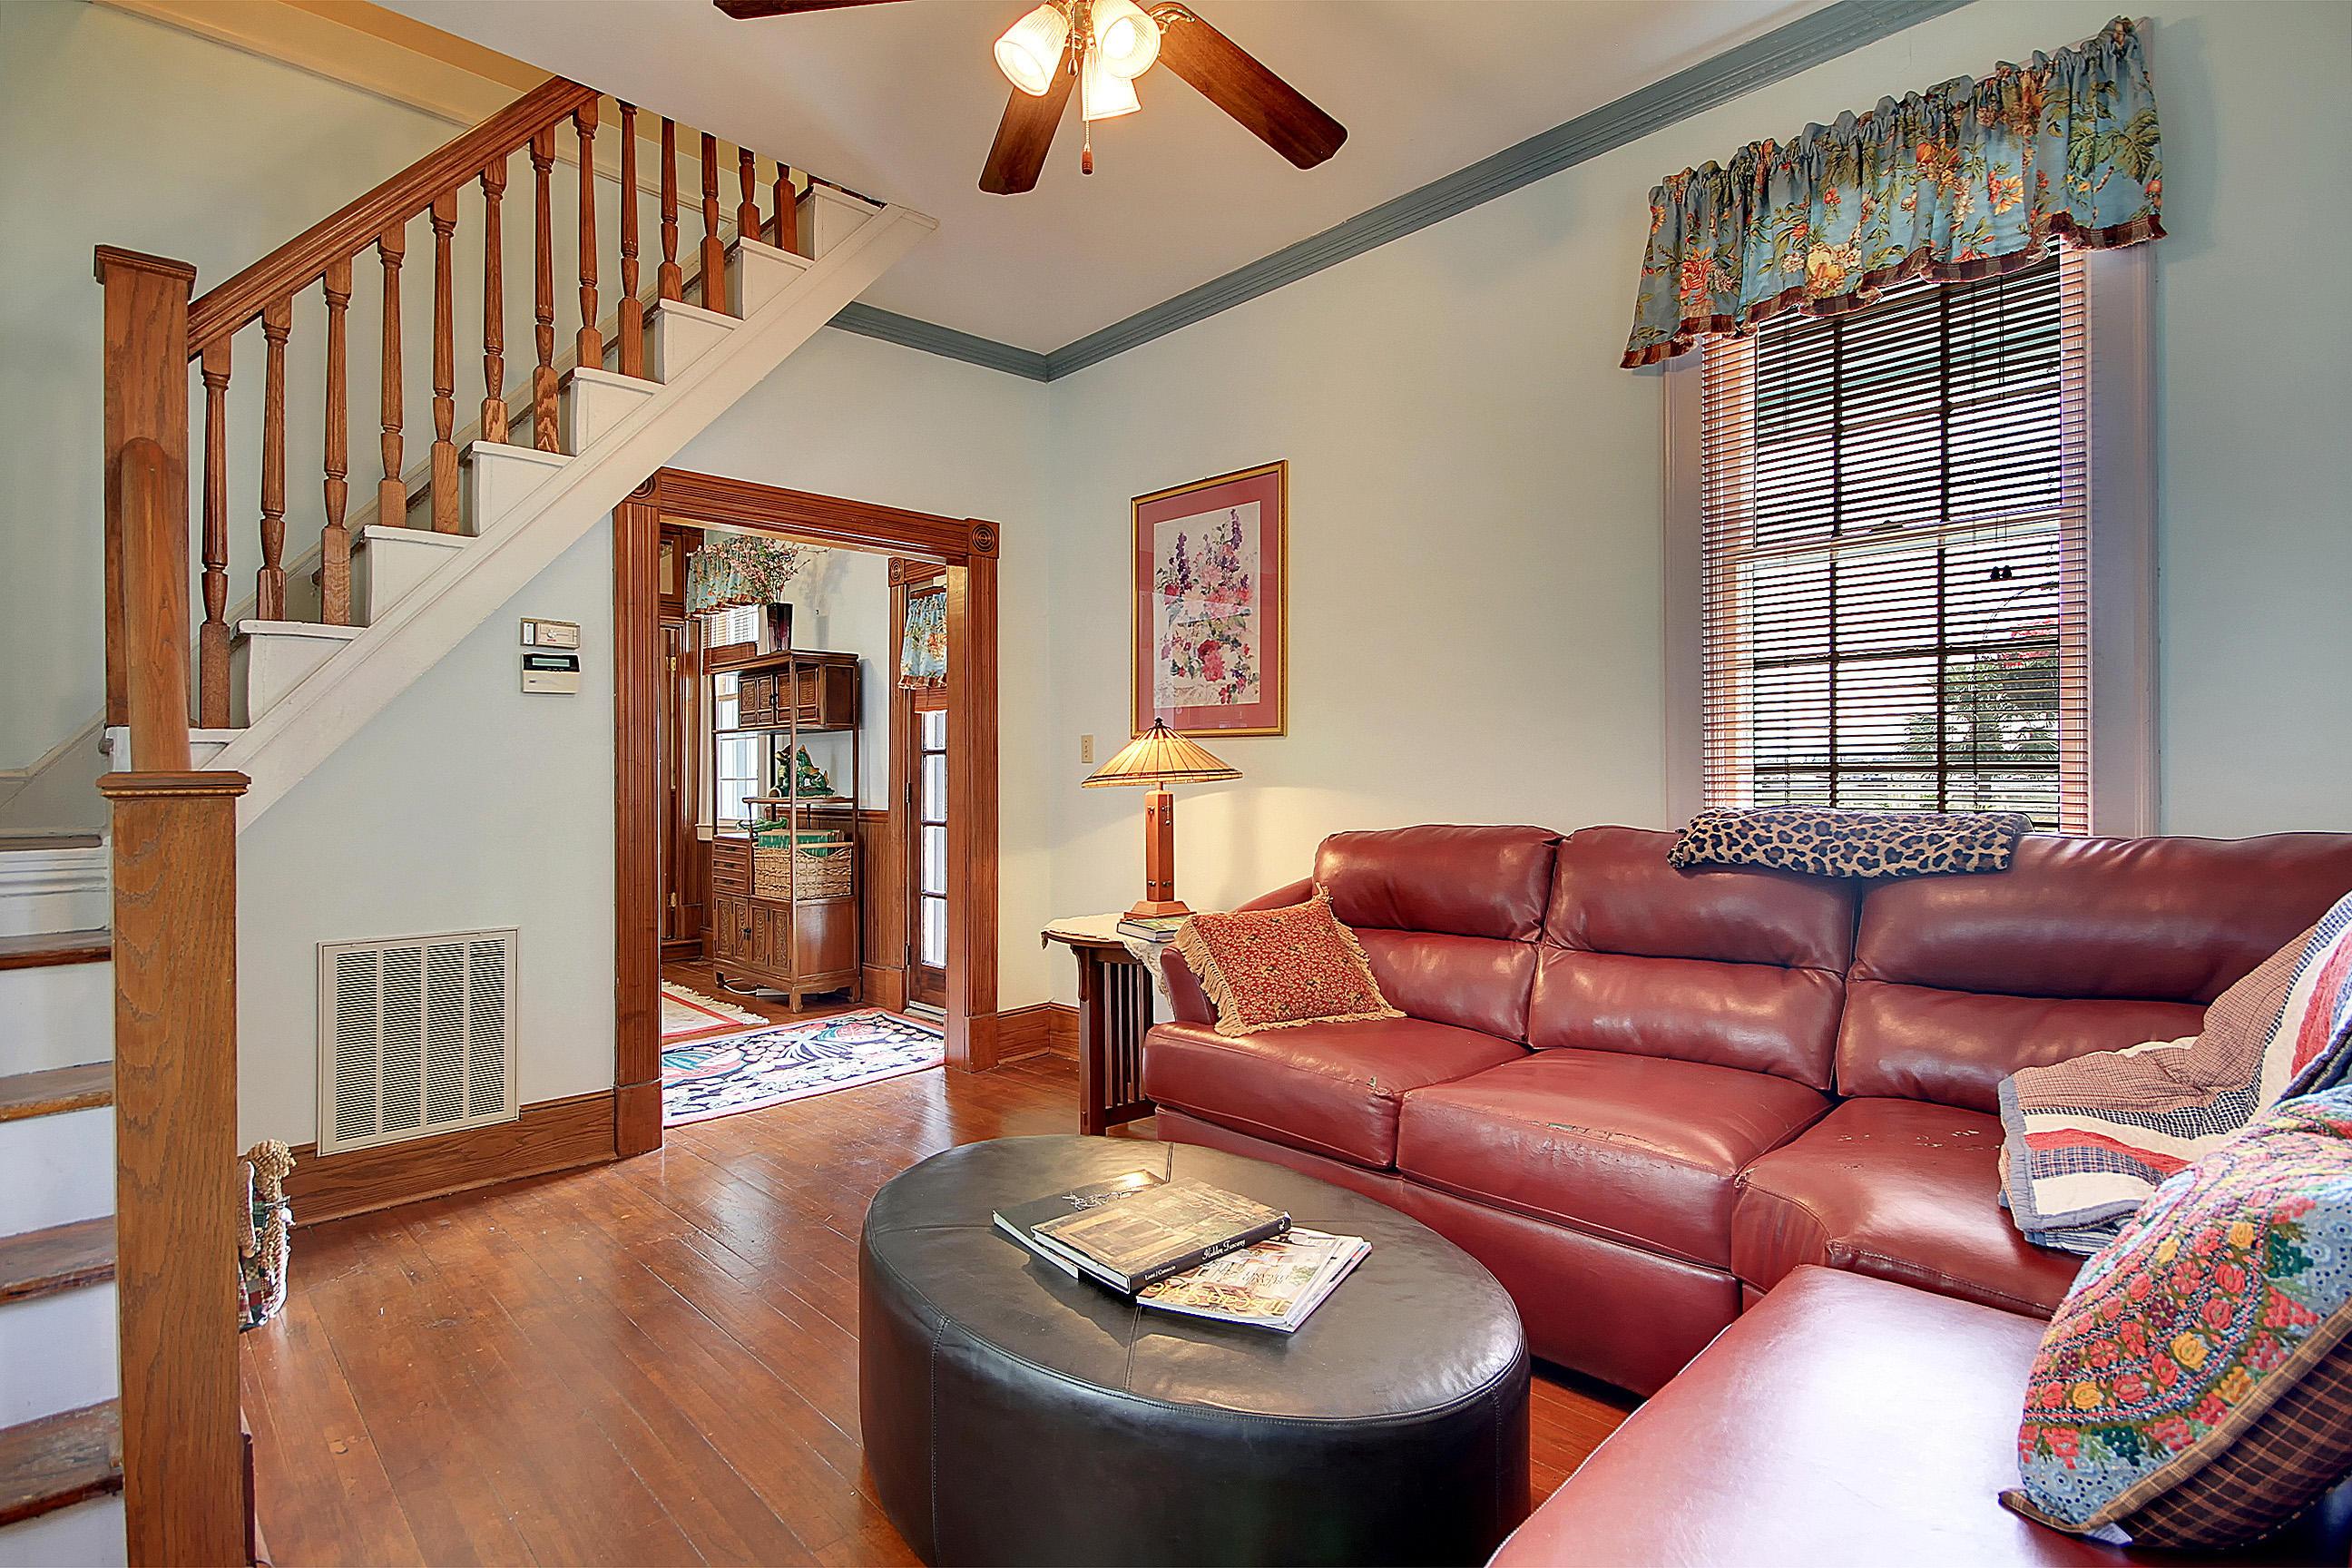 Harleston Village Homes For Sale - 218 Wentworth, Charleston, SC - 0